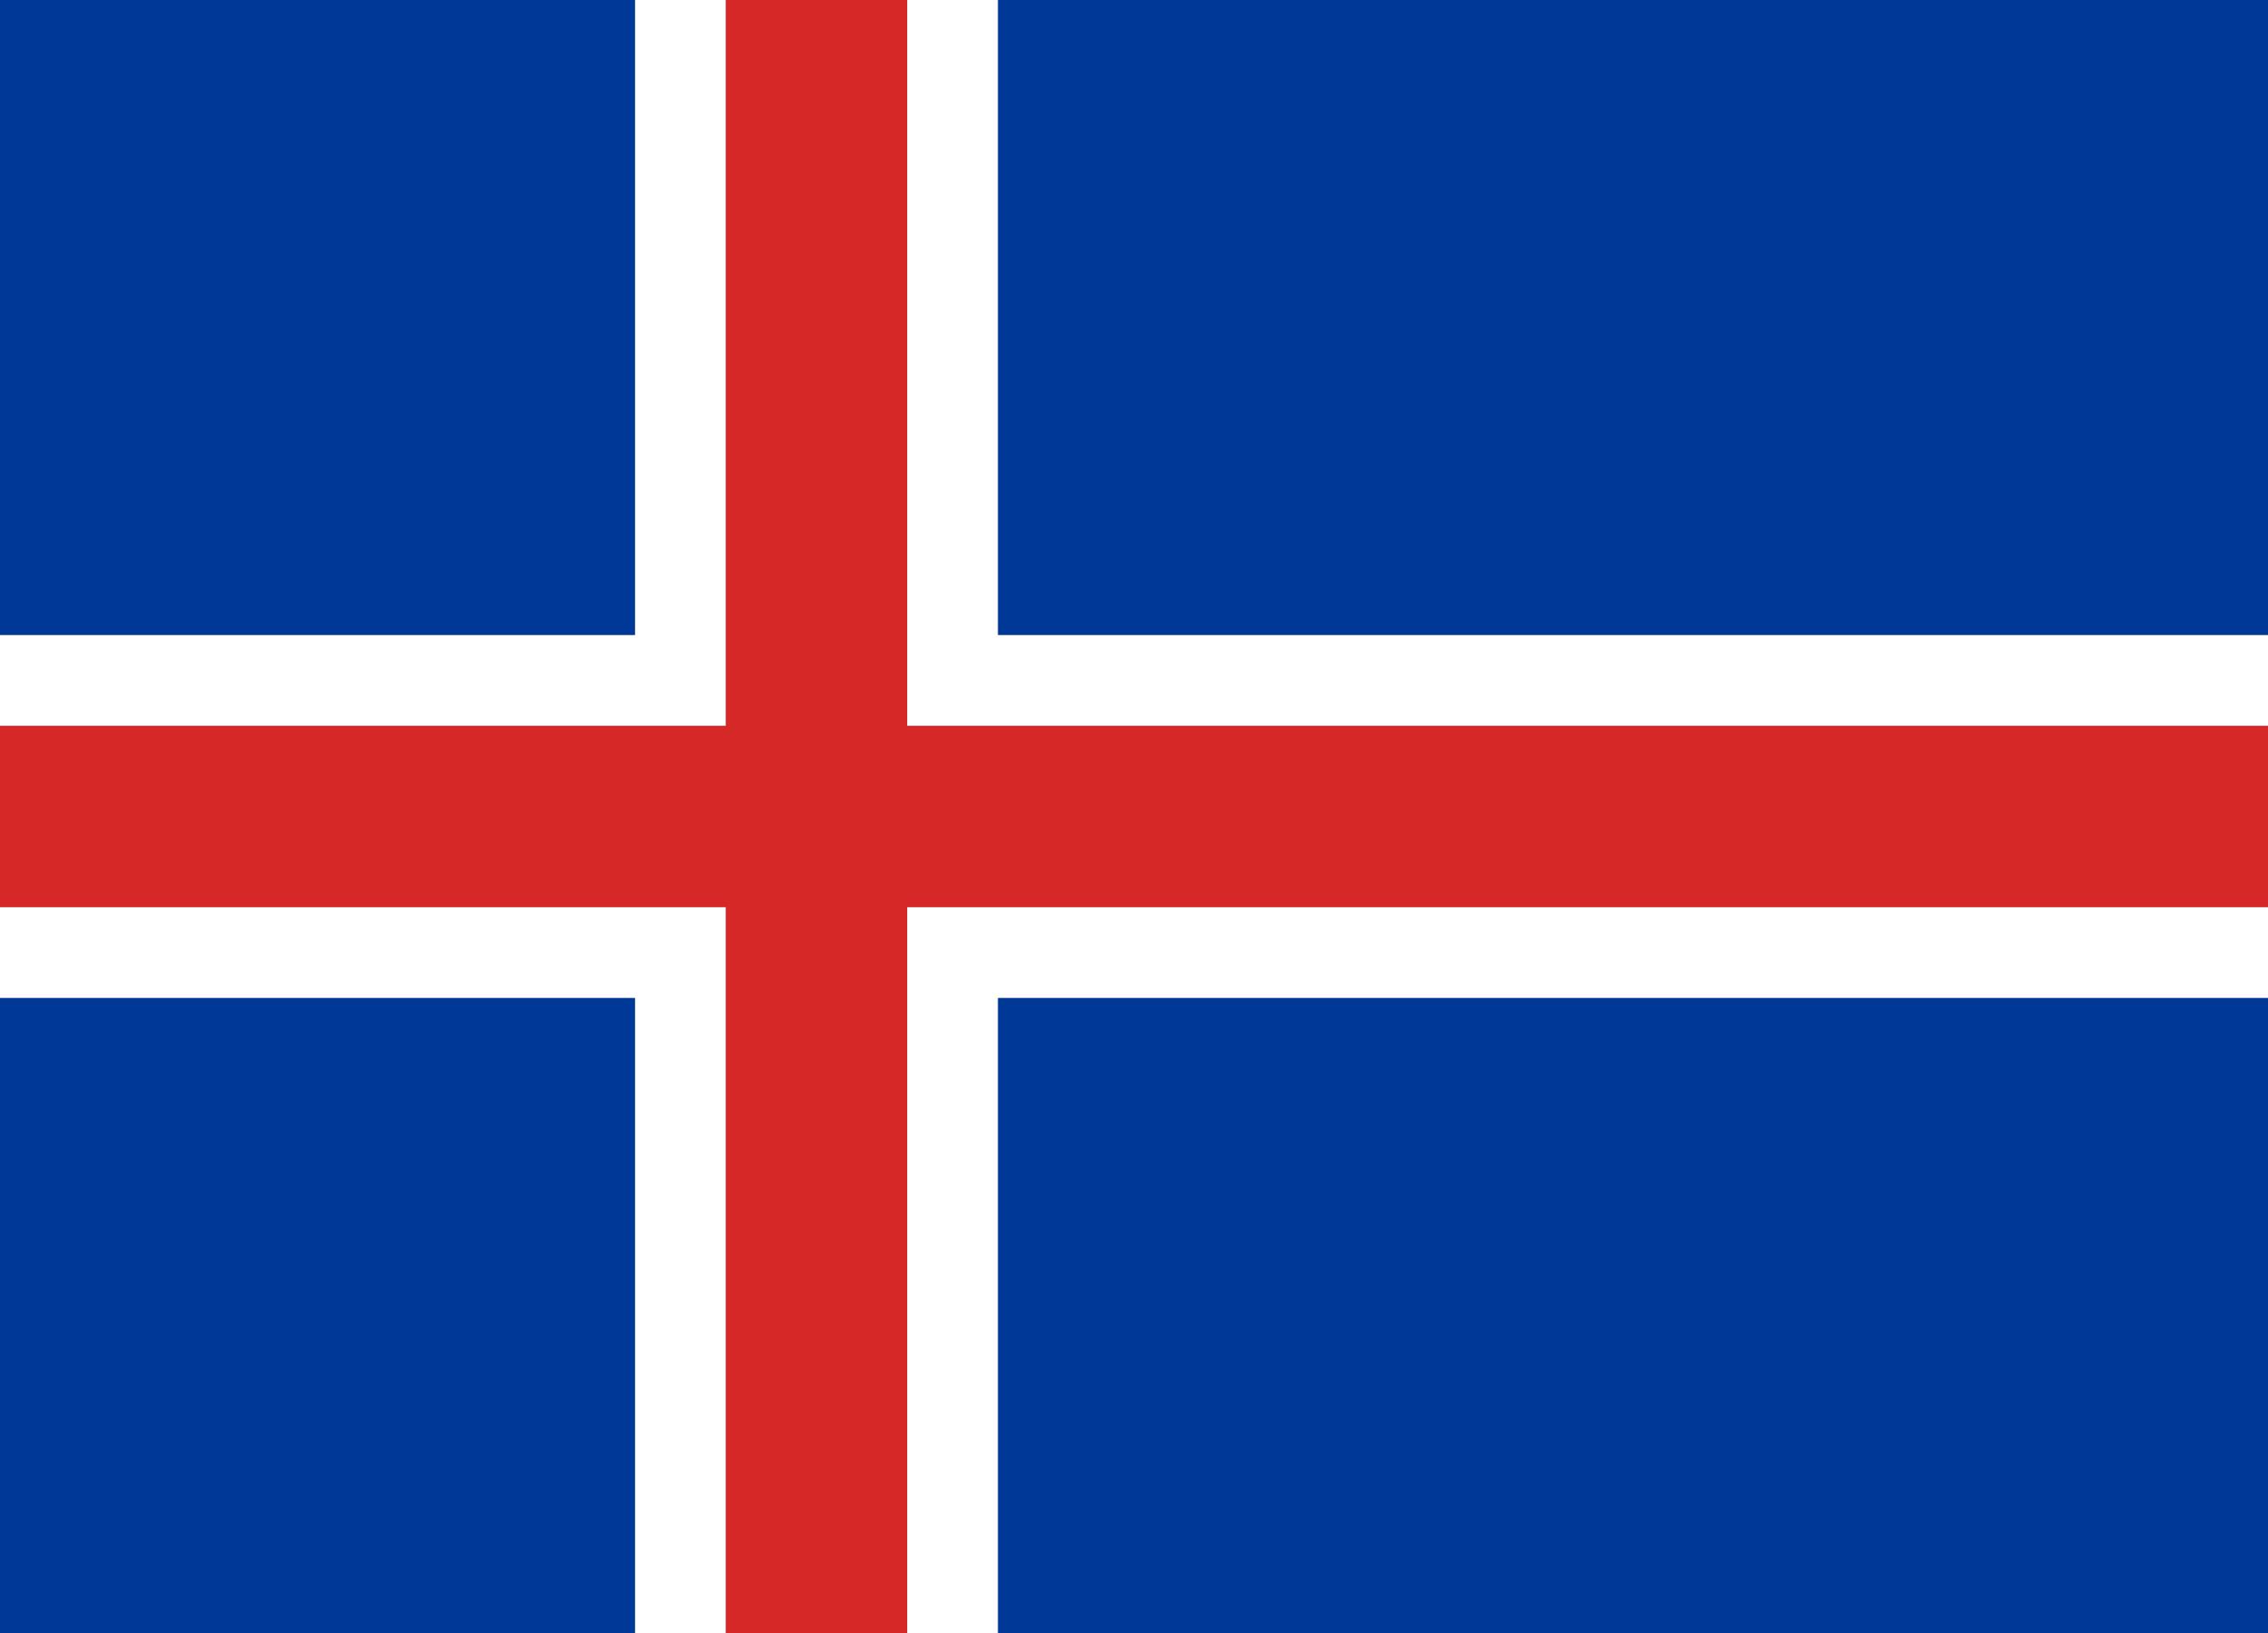 Ισλανδία, χώρα, έμβλημα, λογότυπο, σύμβολο - Wallpapers HD - Professor-falken.com